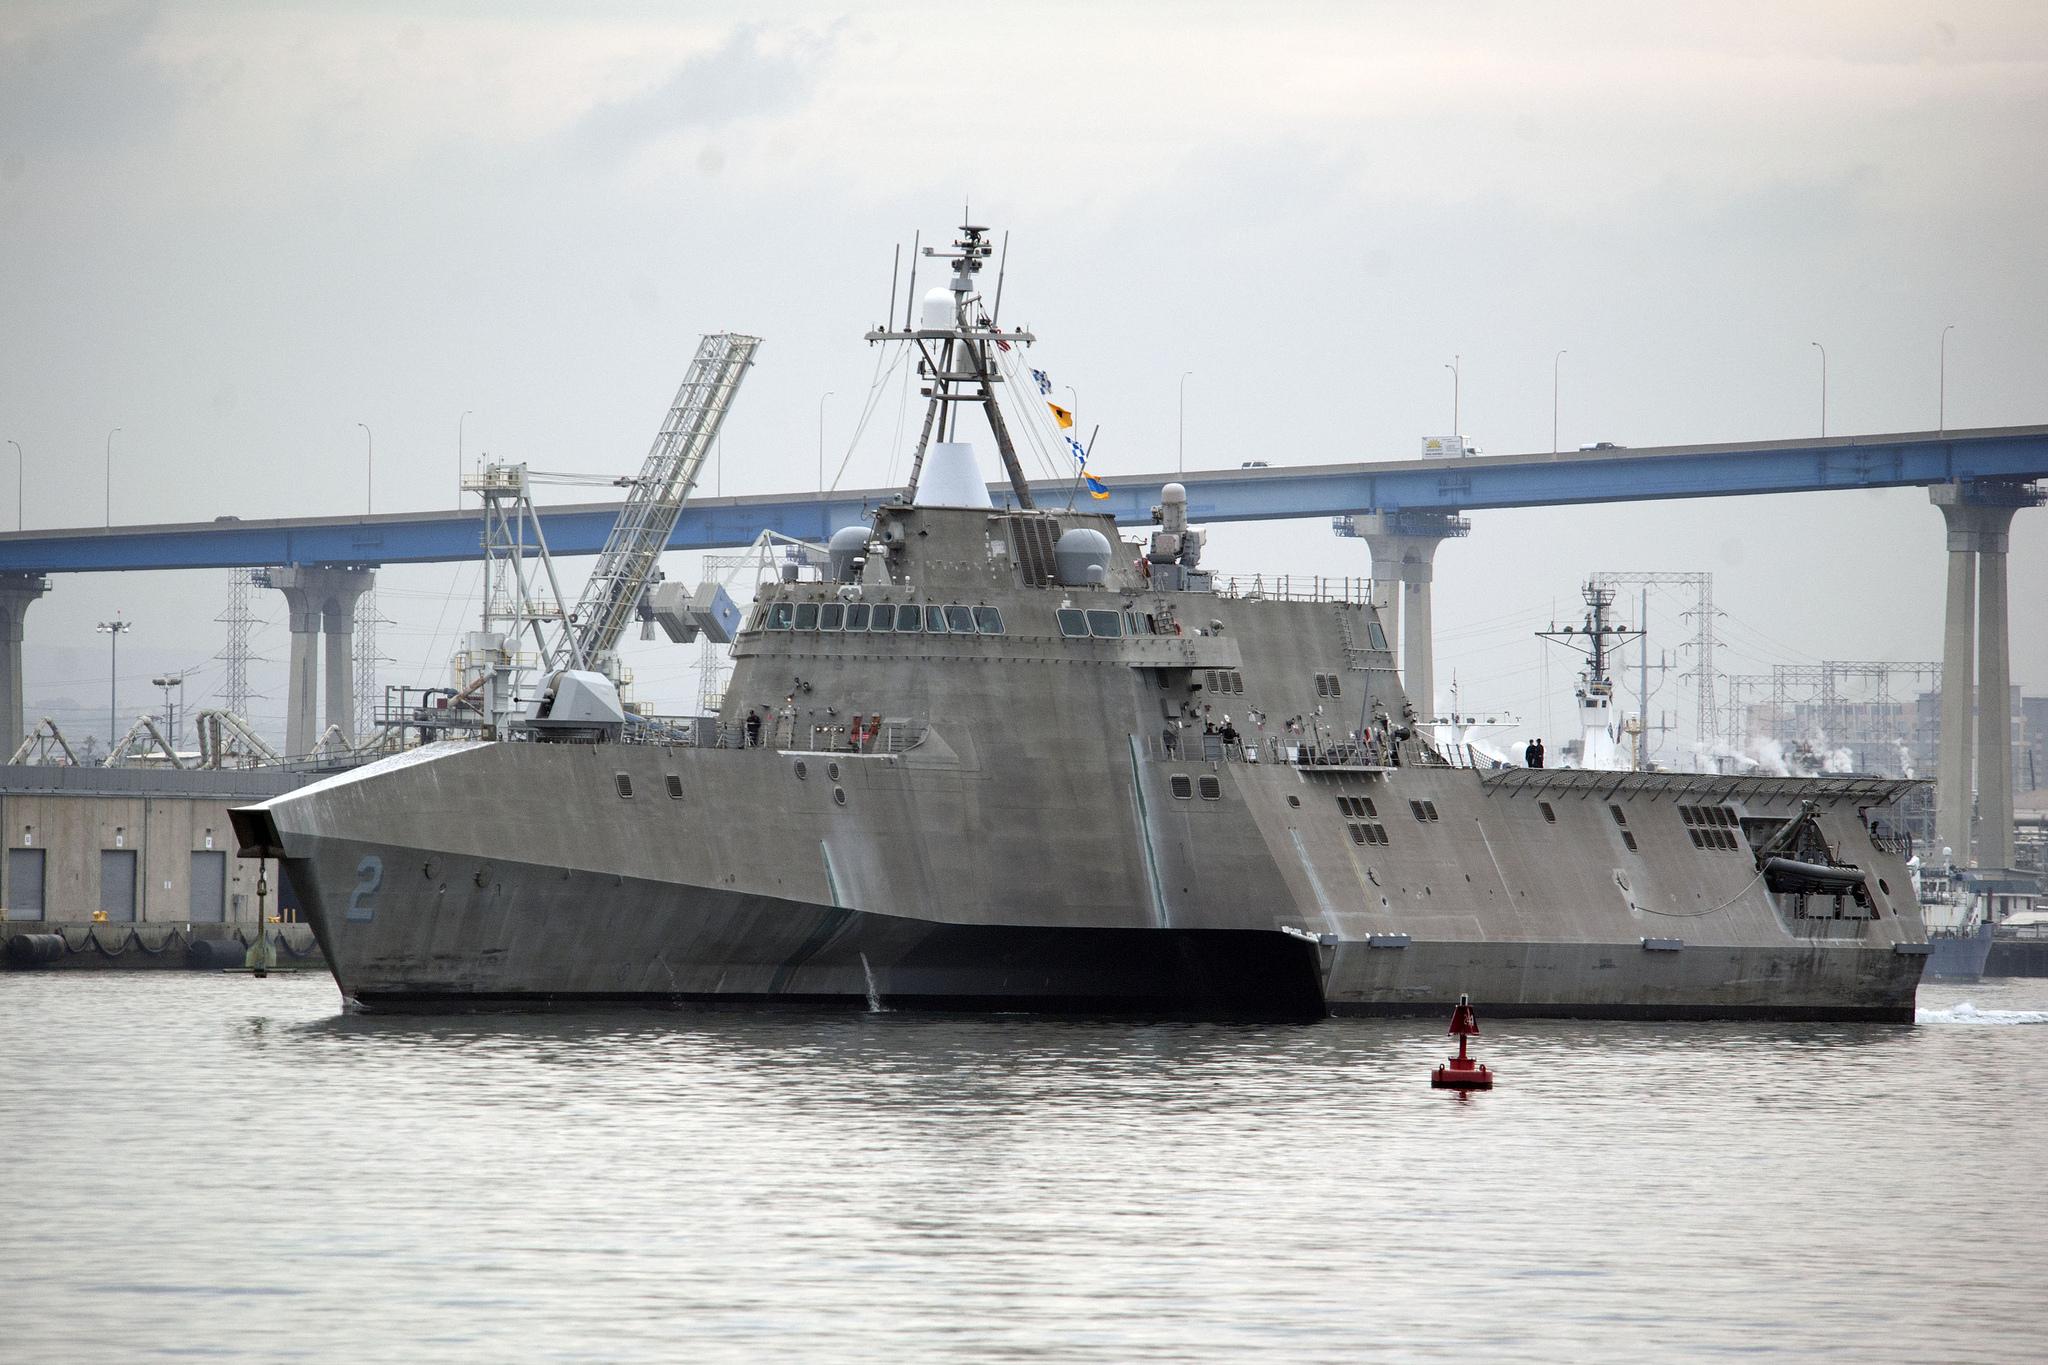 USS INDEPENDENCE LCS-2 Auslaufen San Diego am 30.01.2015 Bild: U.S. Navy